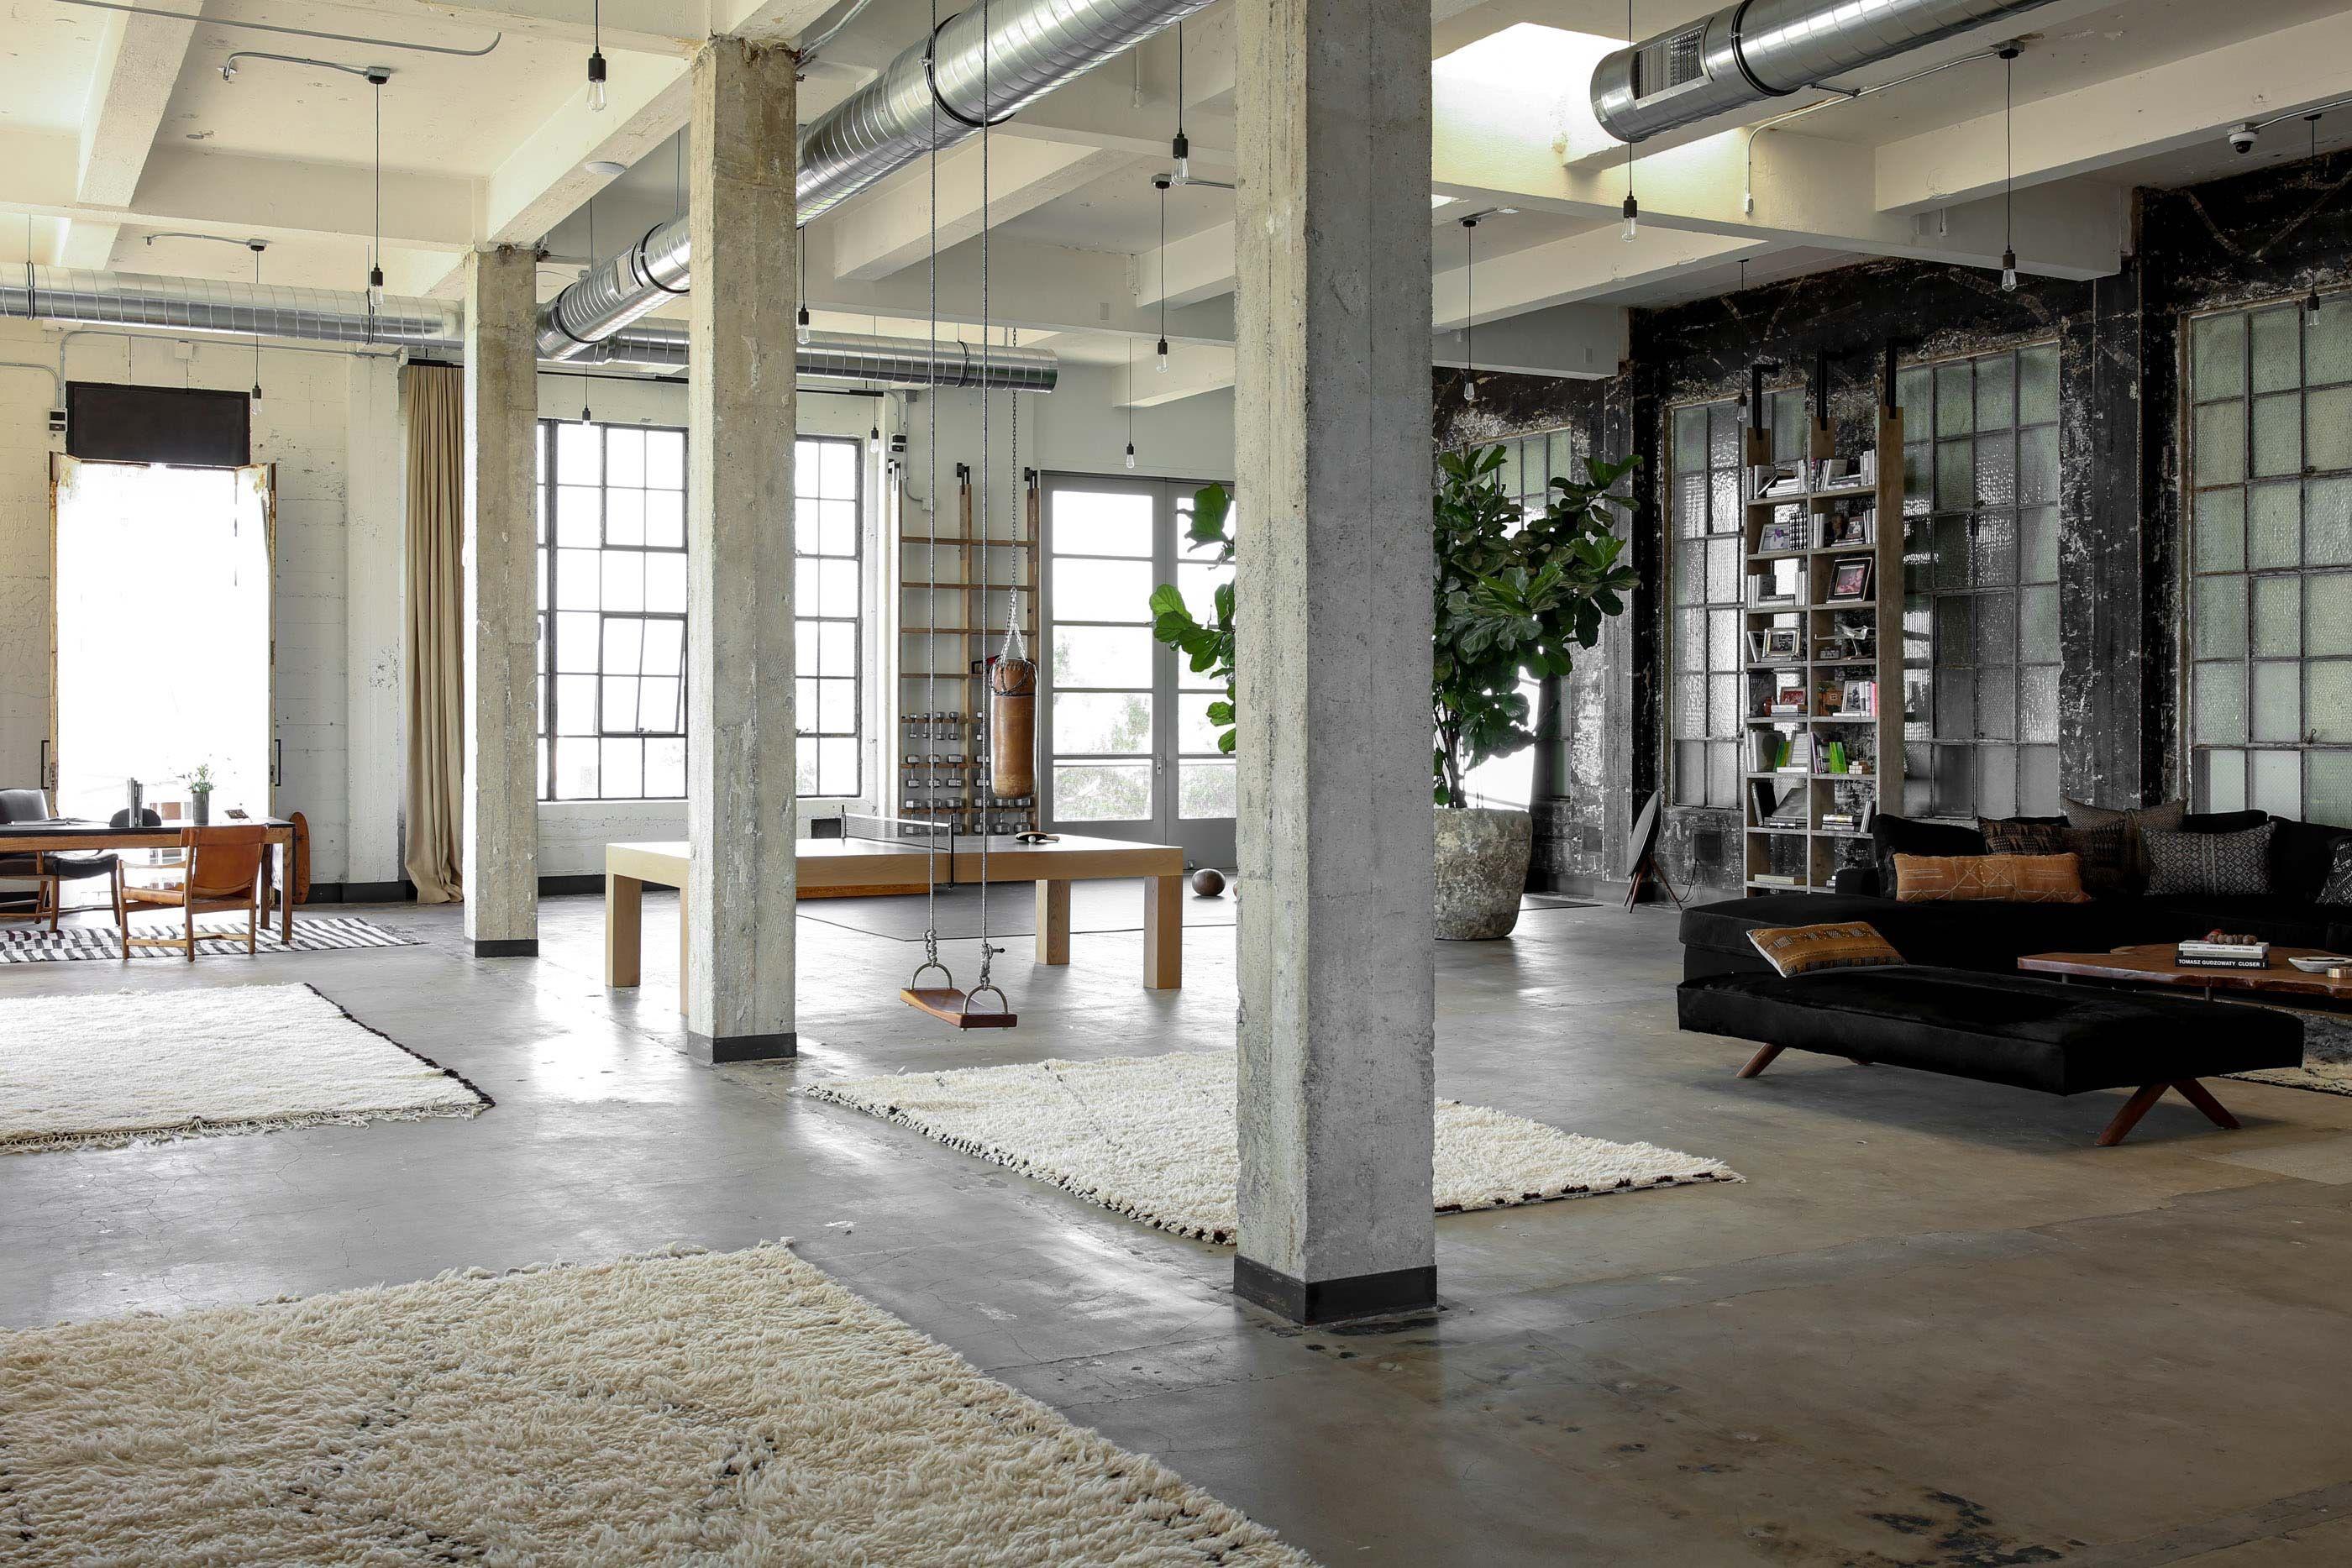 Loft Enti Rement Ouvert Venice Par Alexander Design